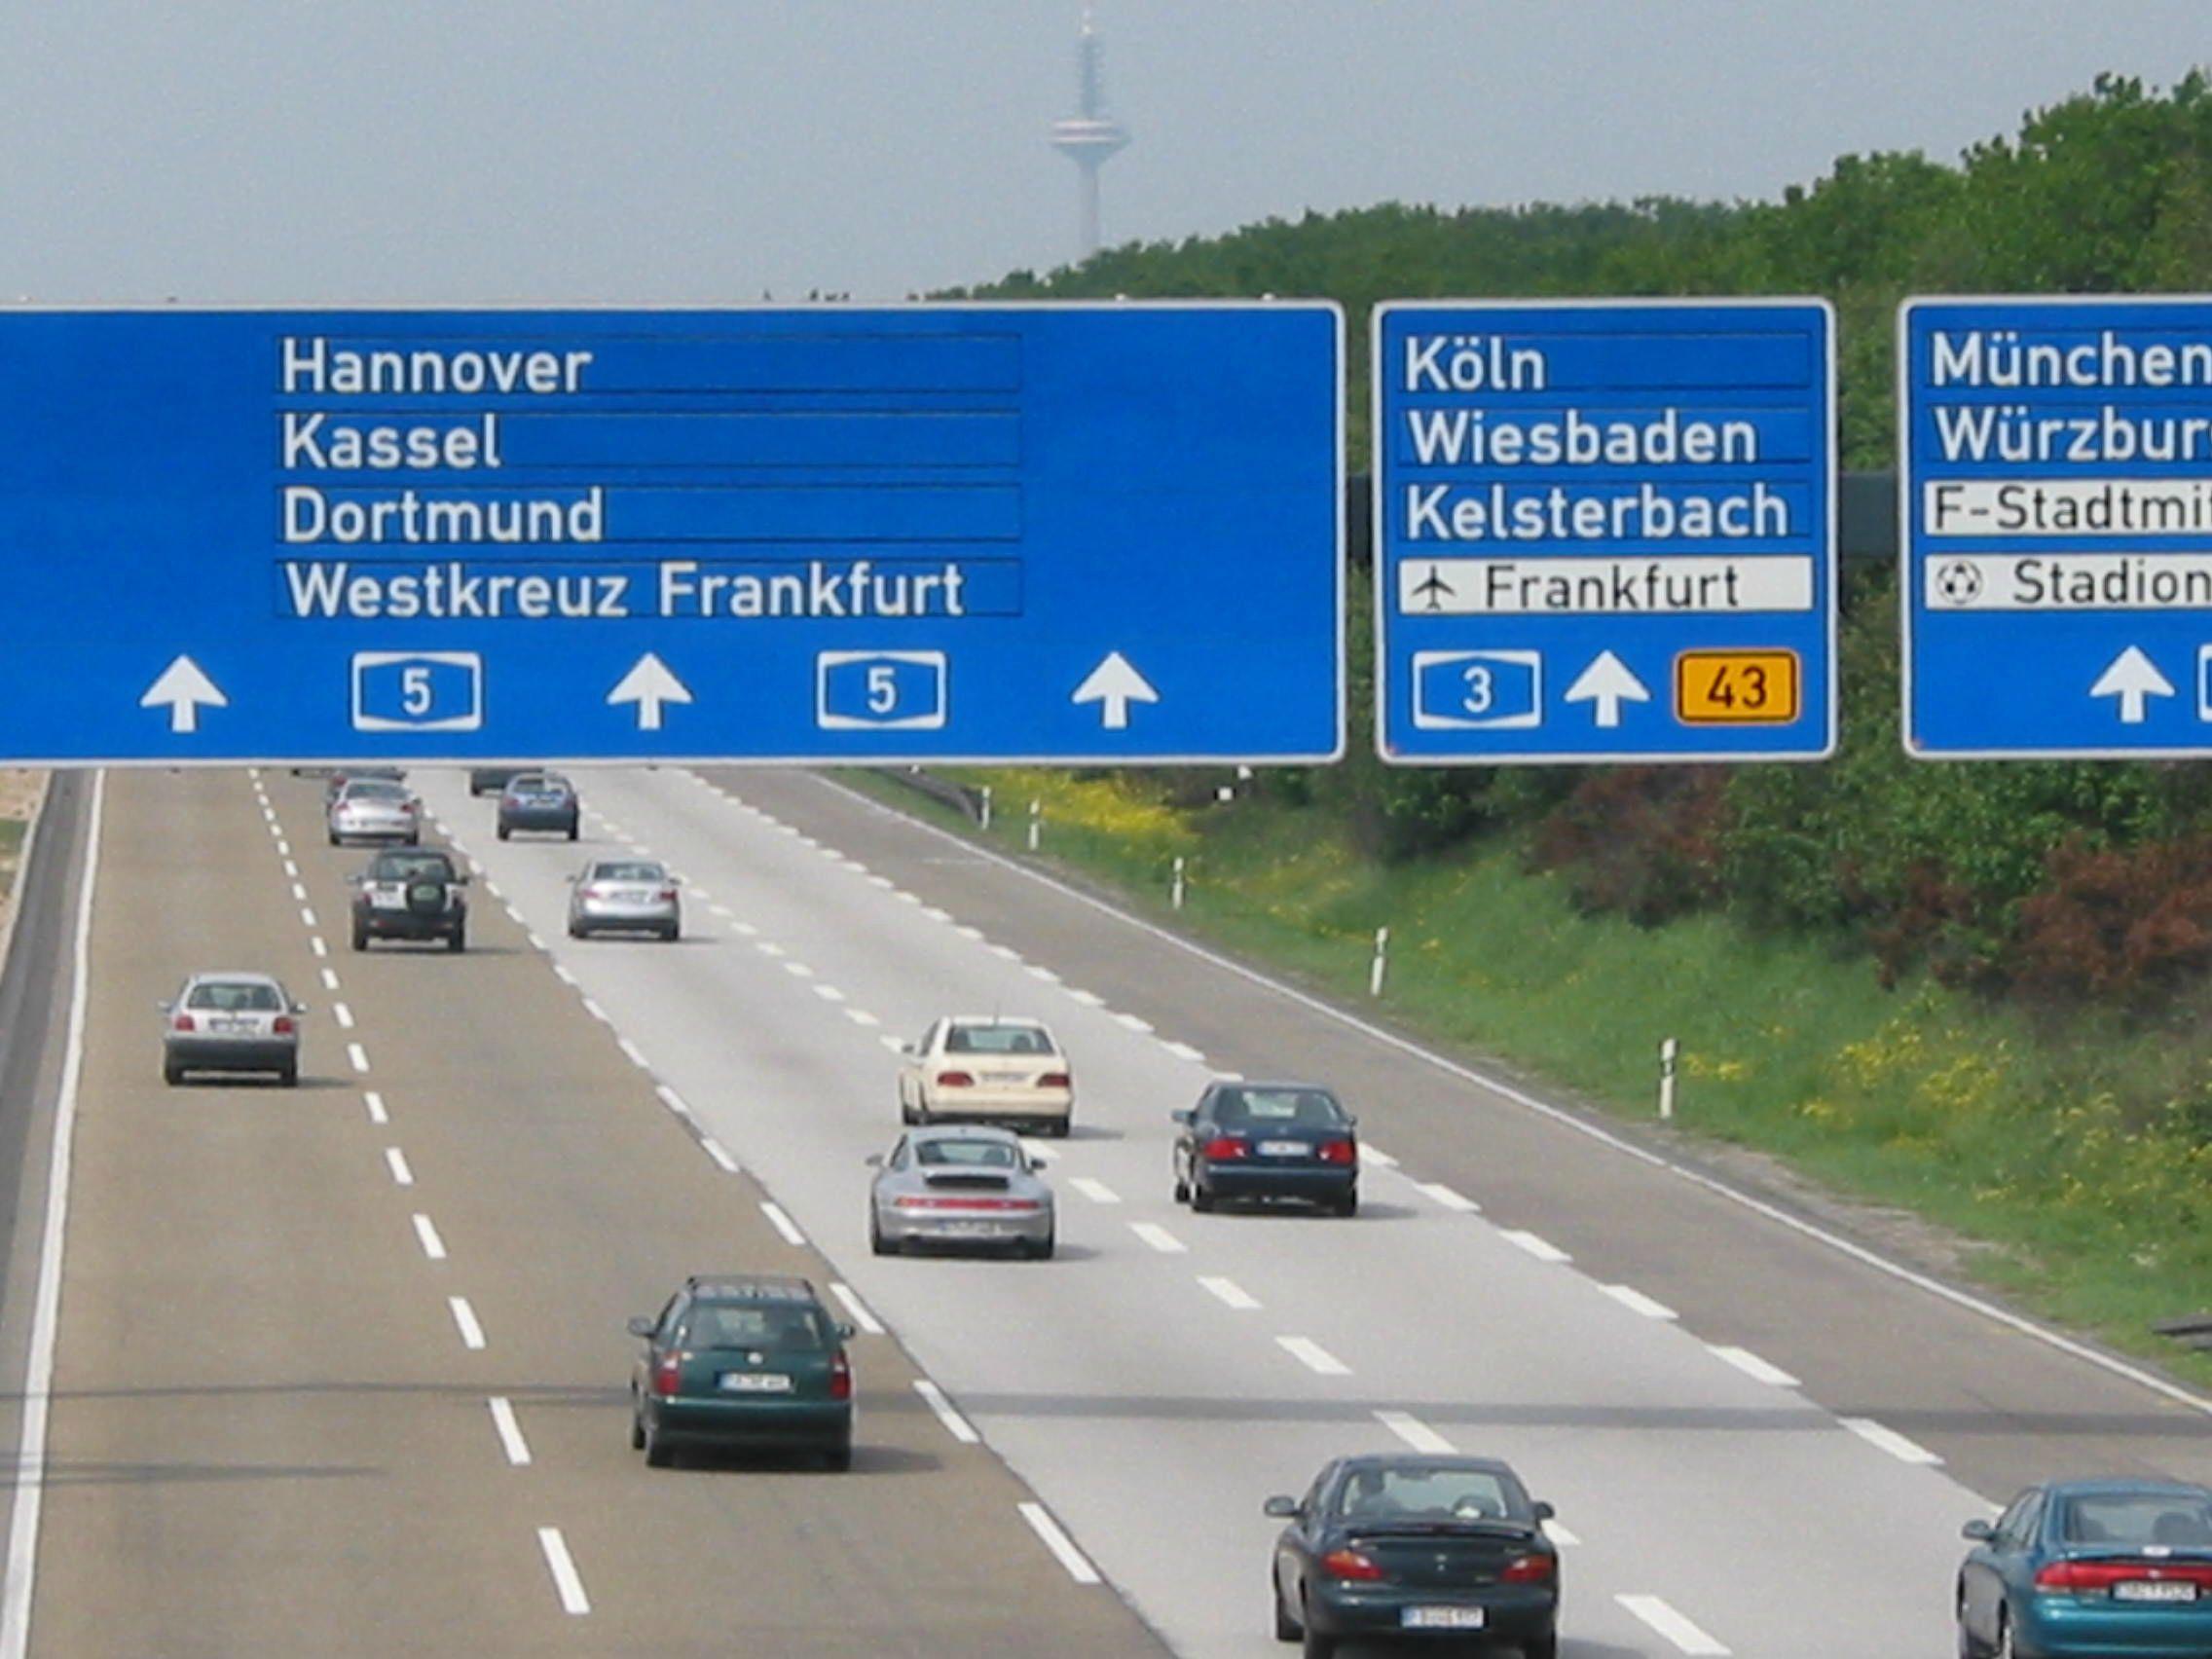 I Tyskland kjem ein seg hundradtals kilometer i timen på autobanen. Likevel er gjenomsnittlegt folketal i dei tyske kommunane berre ein sjuandepart av det folketalet i dei nye norske storkommunane kjem til å verta.